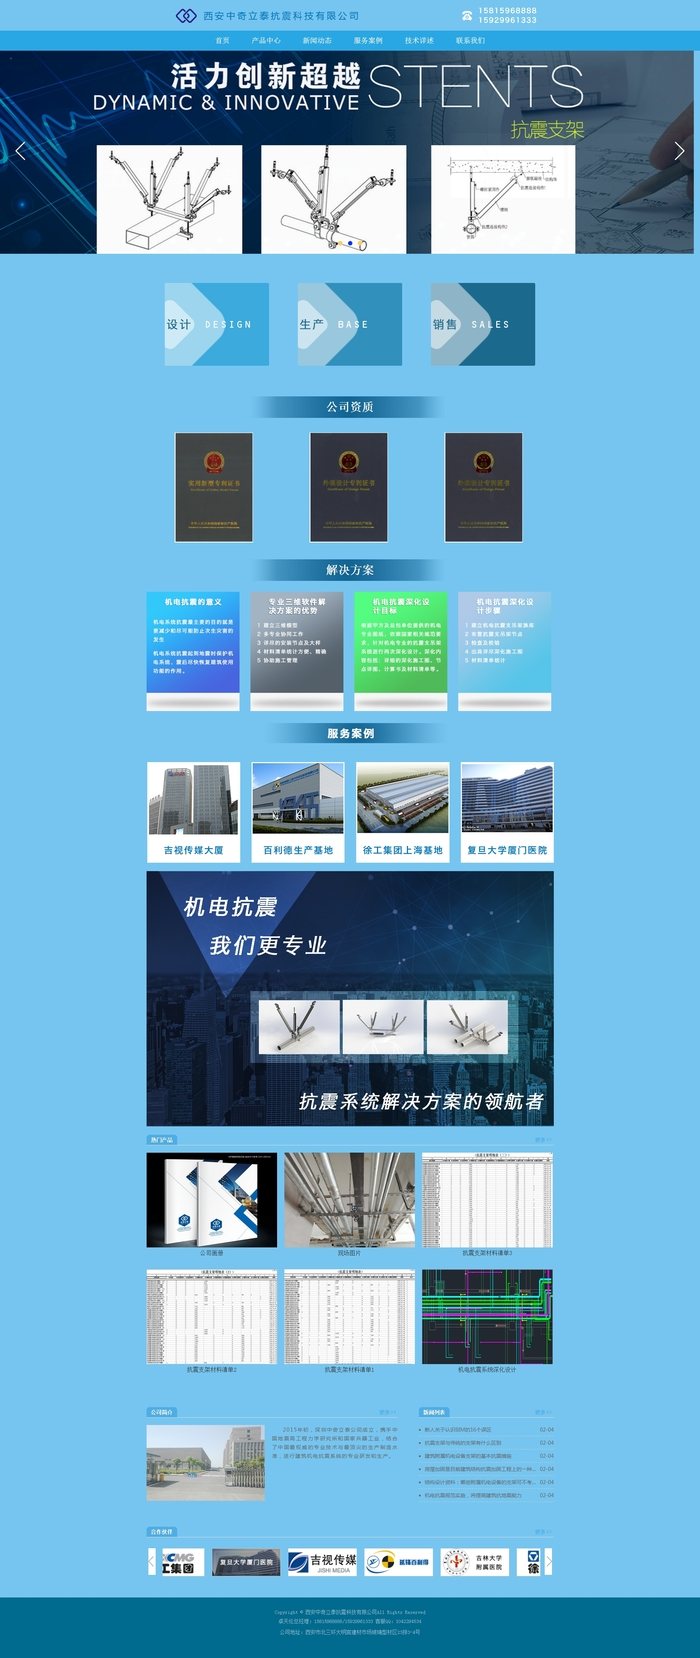 西安网络推广,西安网络营销,西安网络推广公司,西安网络营销公司,西安网站优化公司,西安SEO公司,西安企业网站优化,西安做网站的公司,富海360